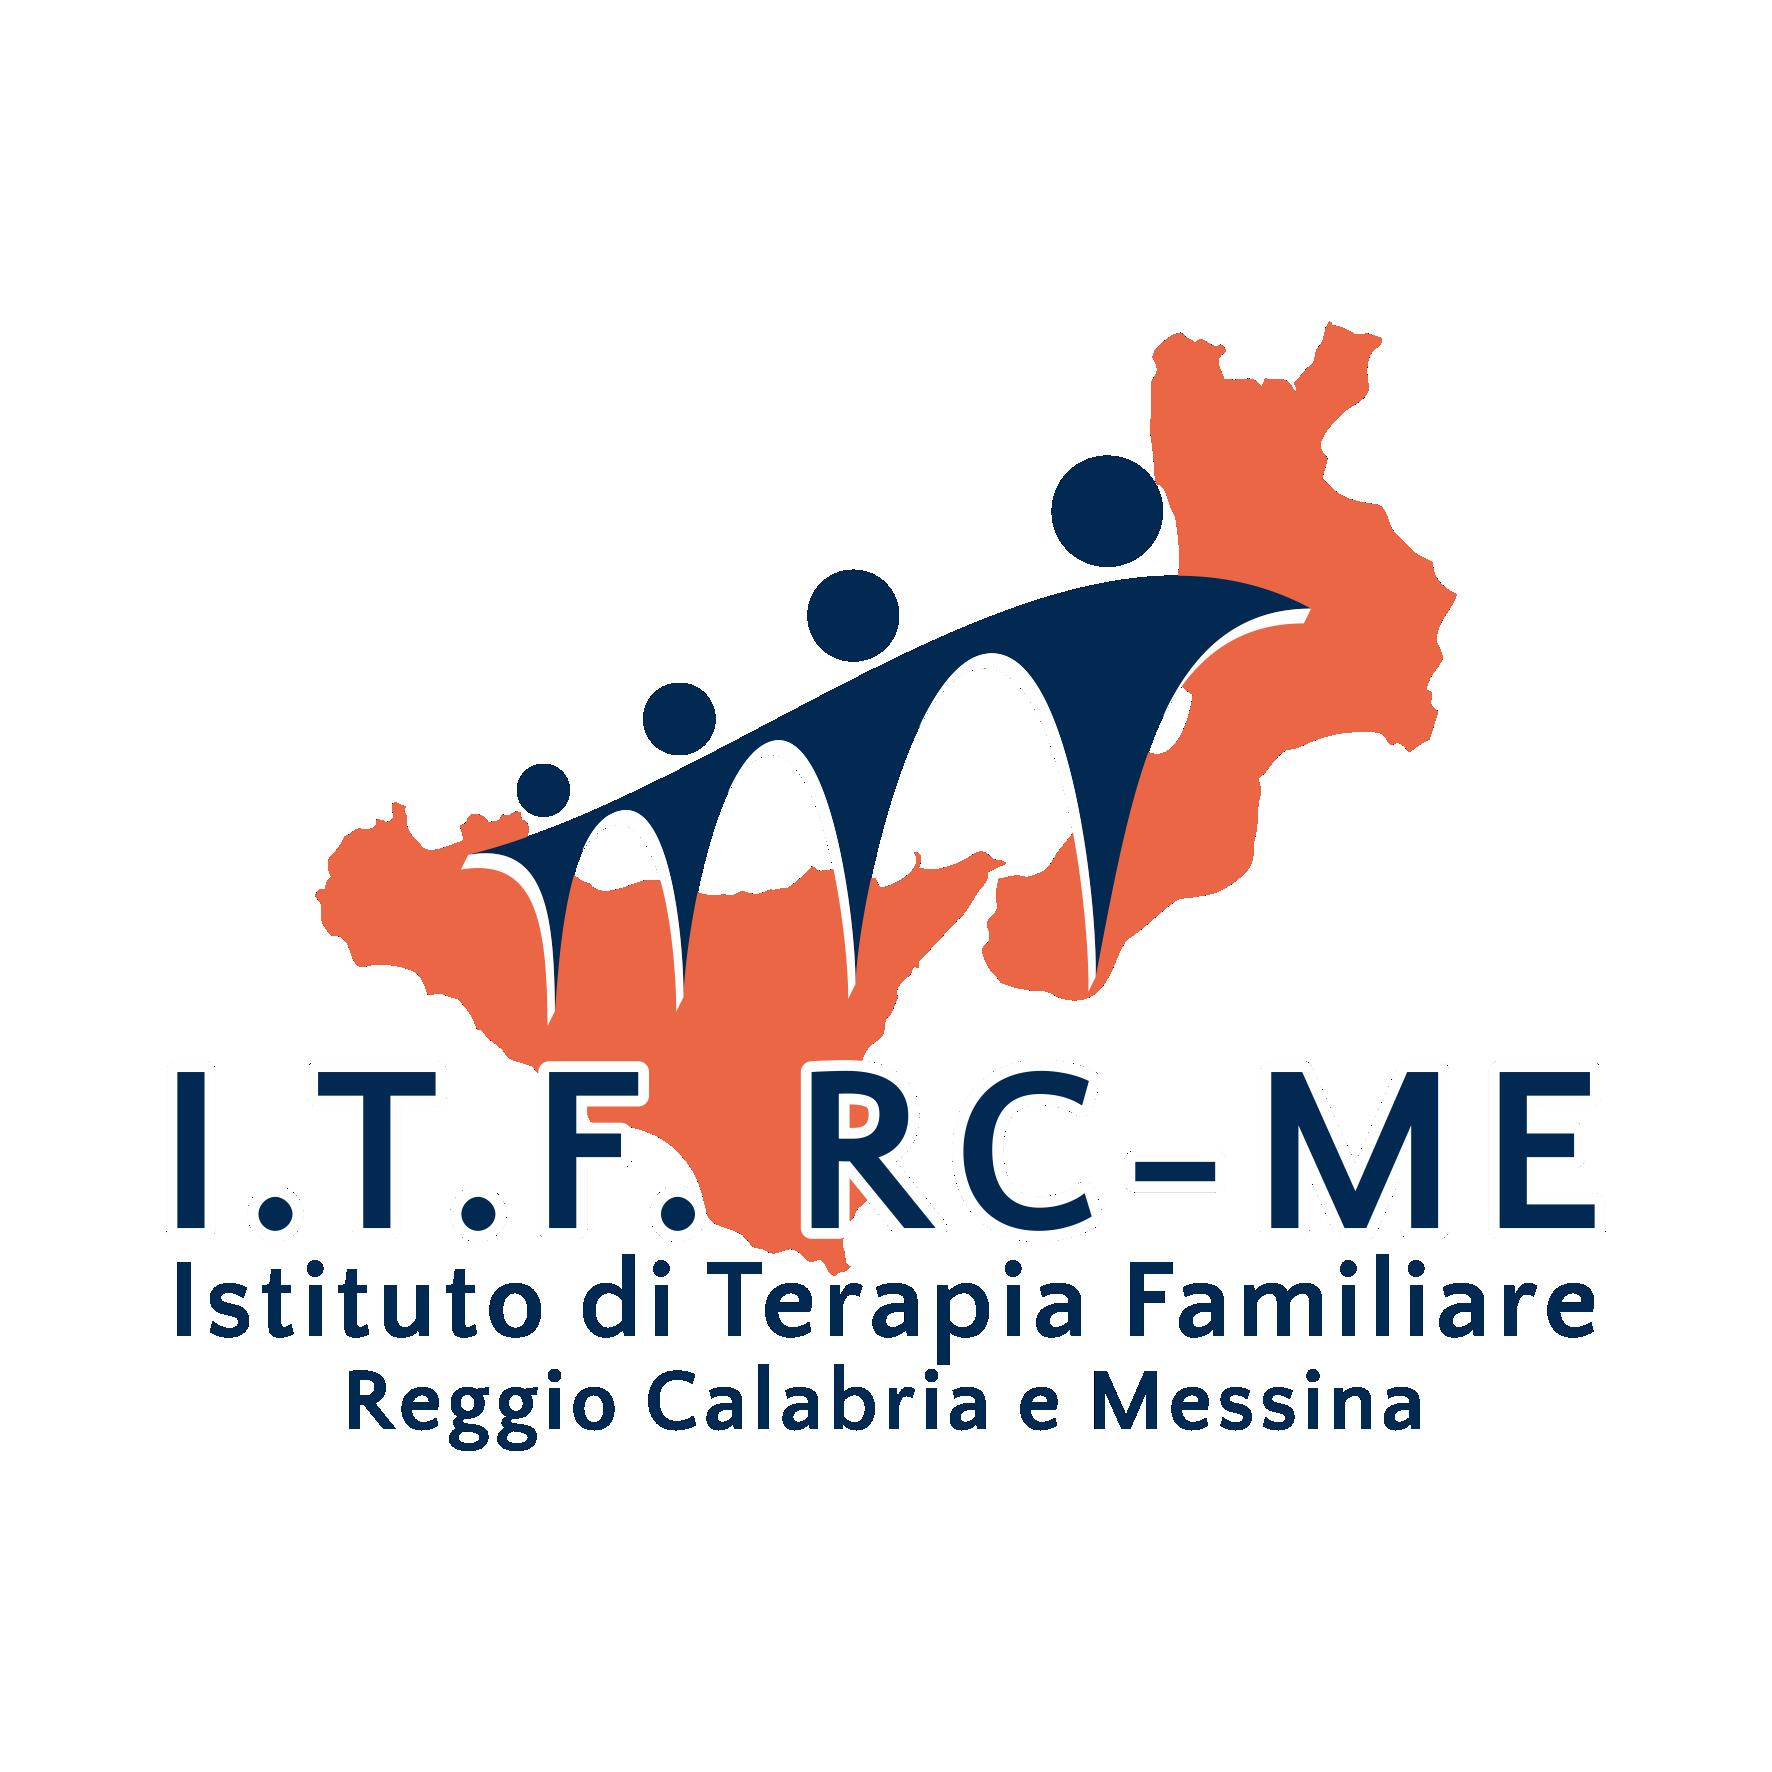 Istituto di Terapia Familiare Reggio Calabria Messina